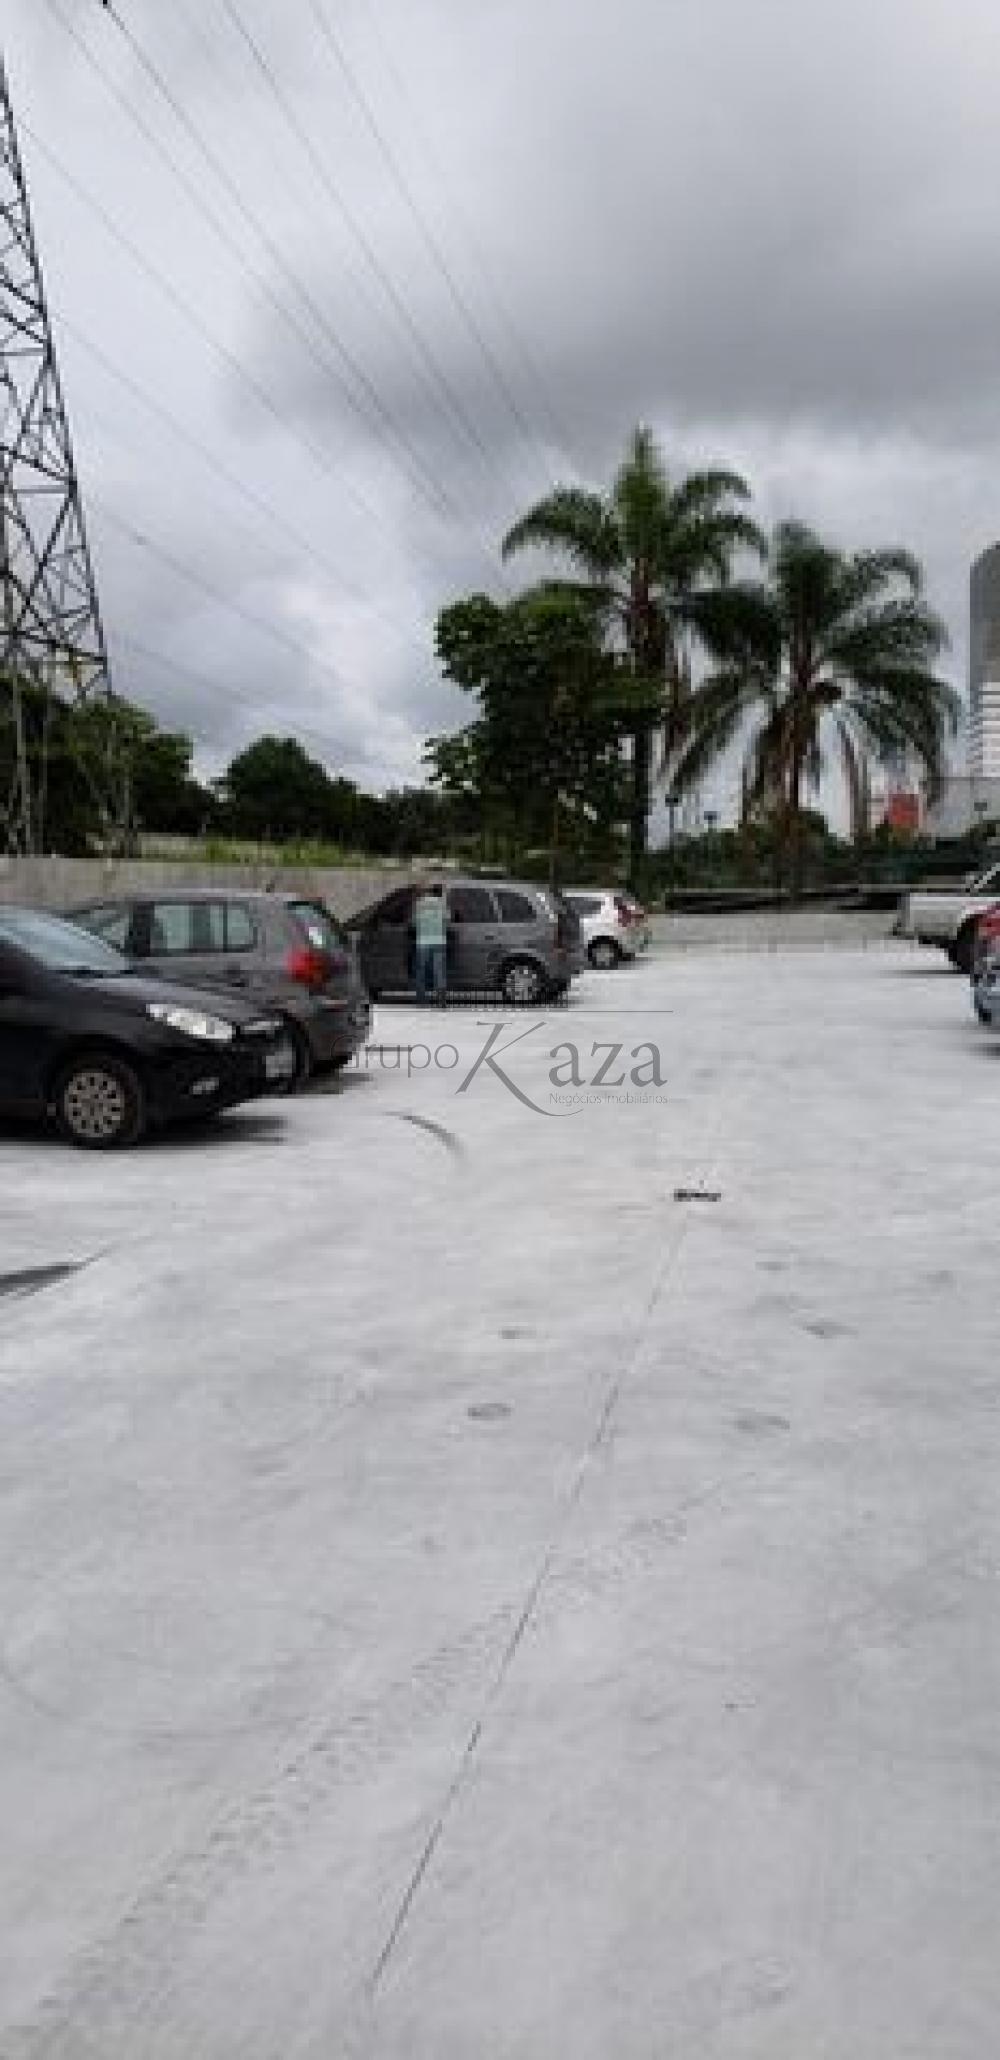 alt='Comprar Apartamento / Padrão em São José dos Campos R$ 530.000,00 - Foto 17' title='Comprar Apartamento / Padrão em São José dos Campos R$ 530.000,00 - Foto 17'